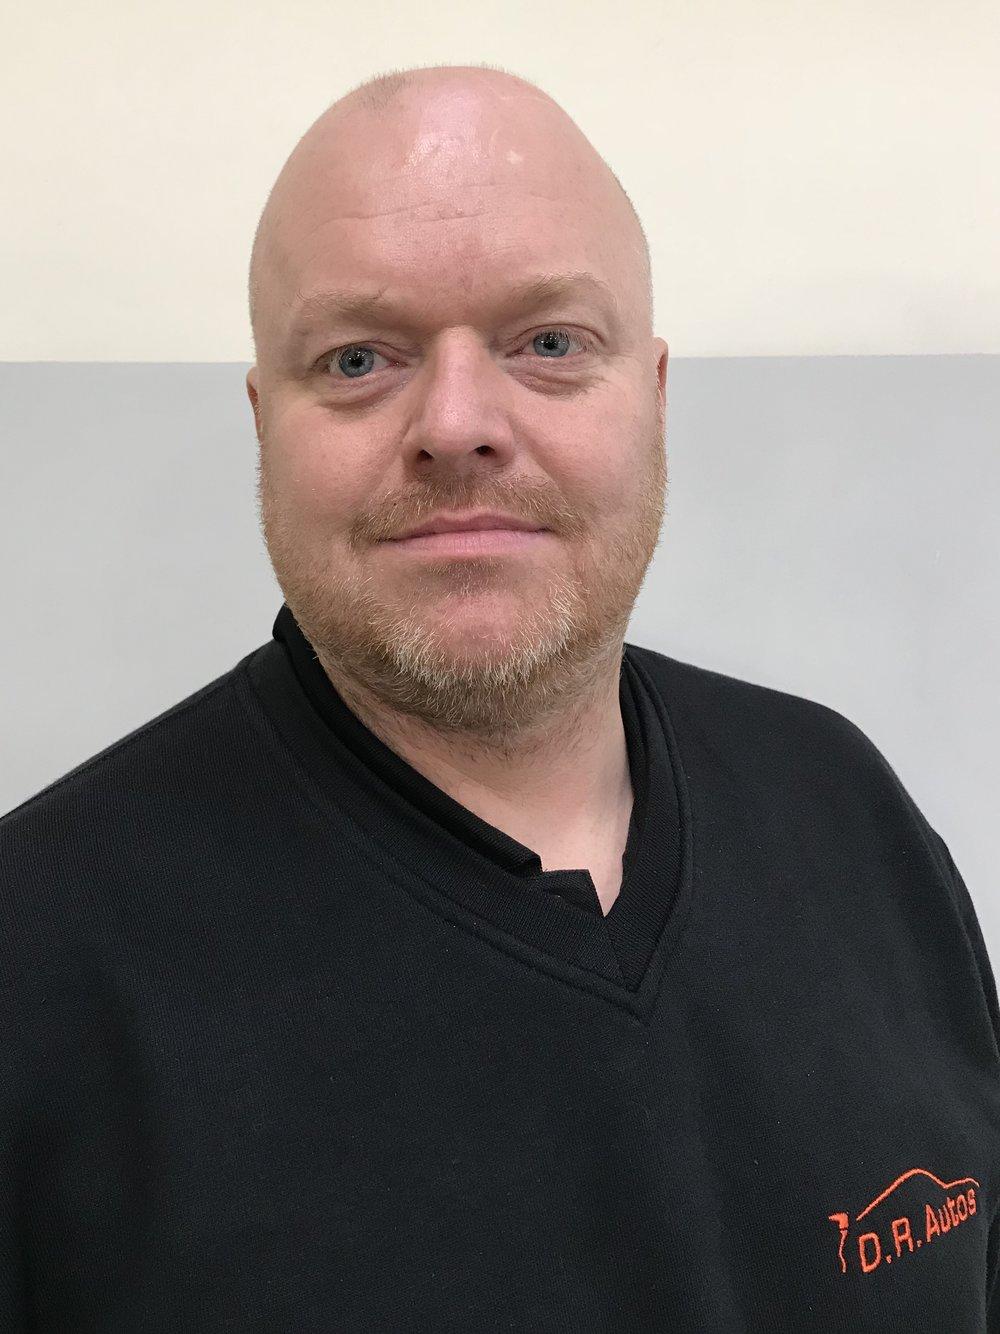 John Osborne - Manager, MOT Tester, Technician